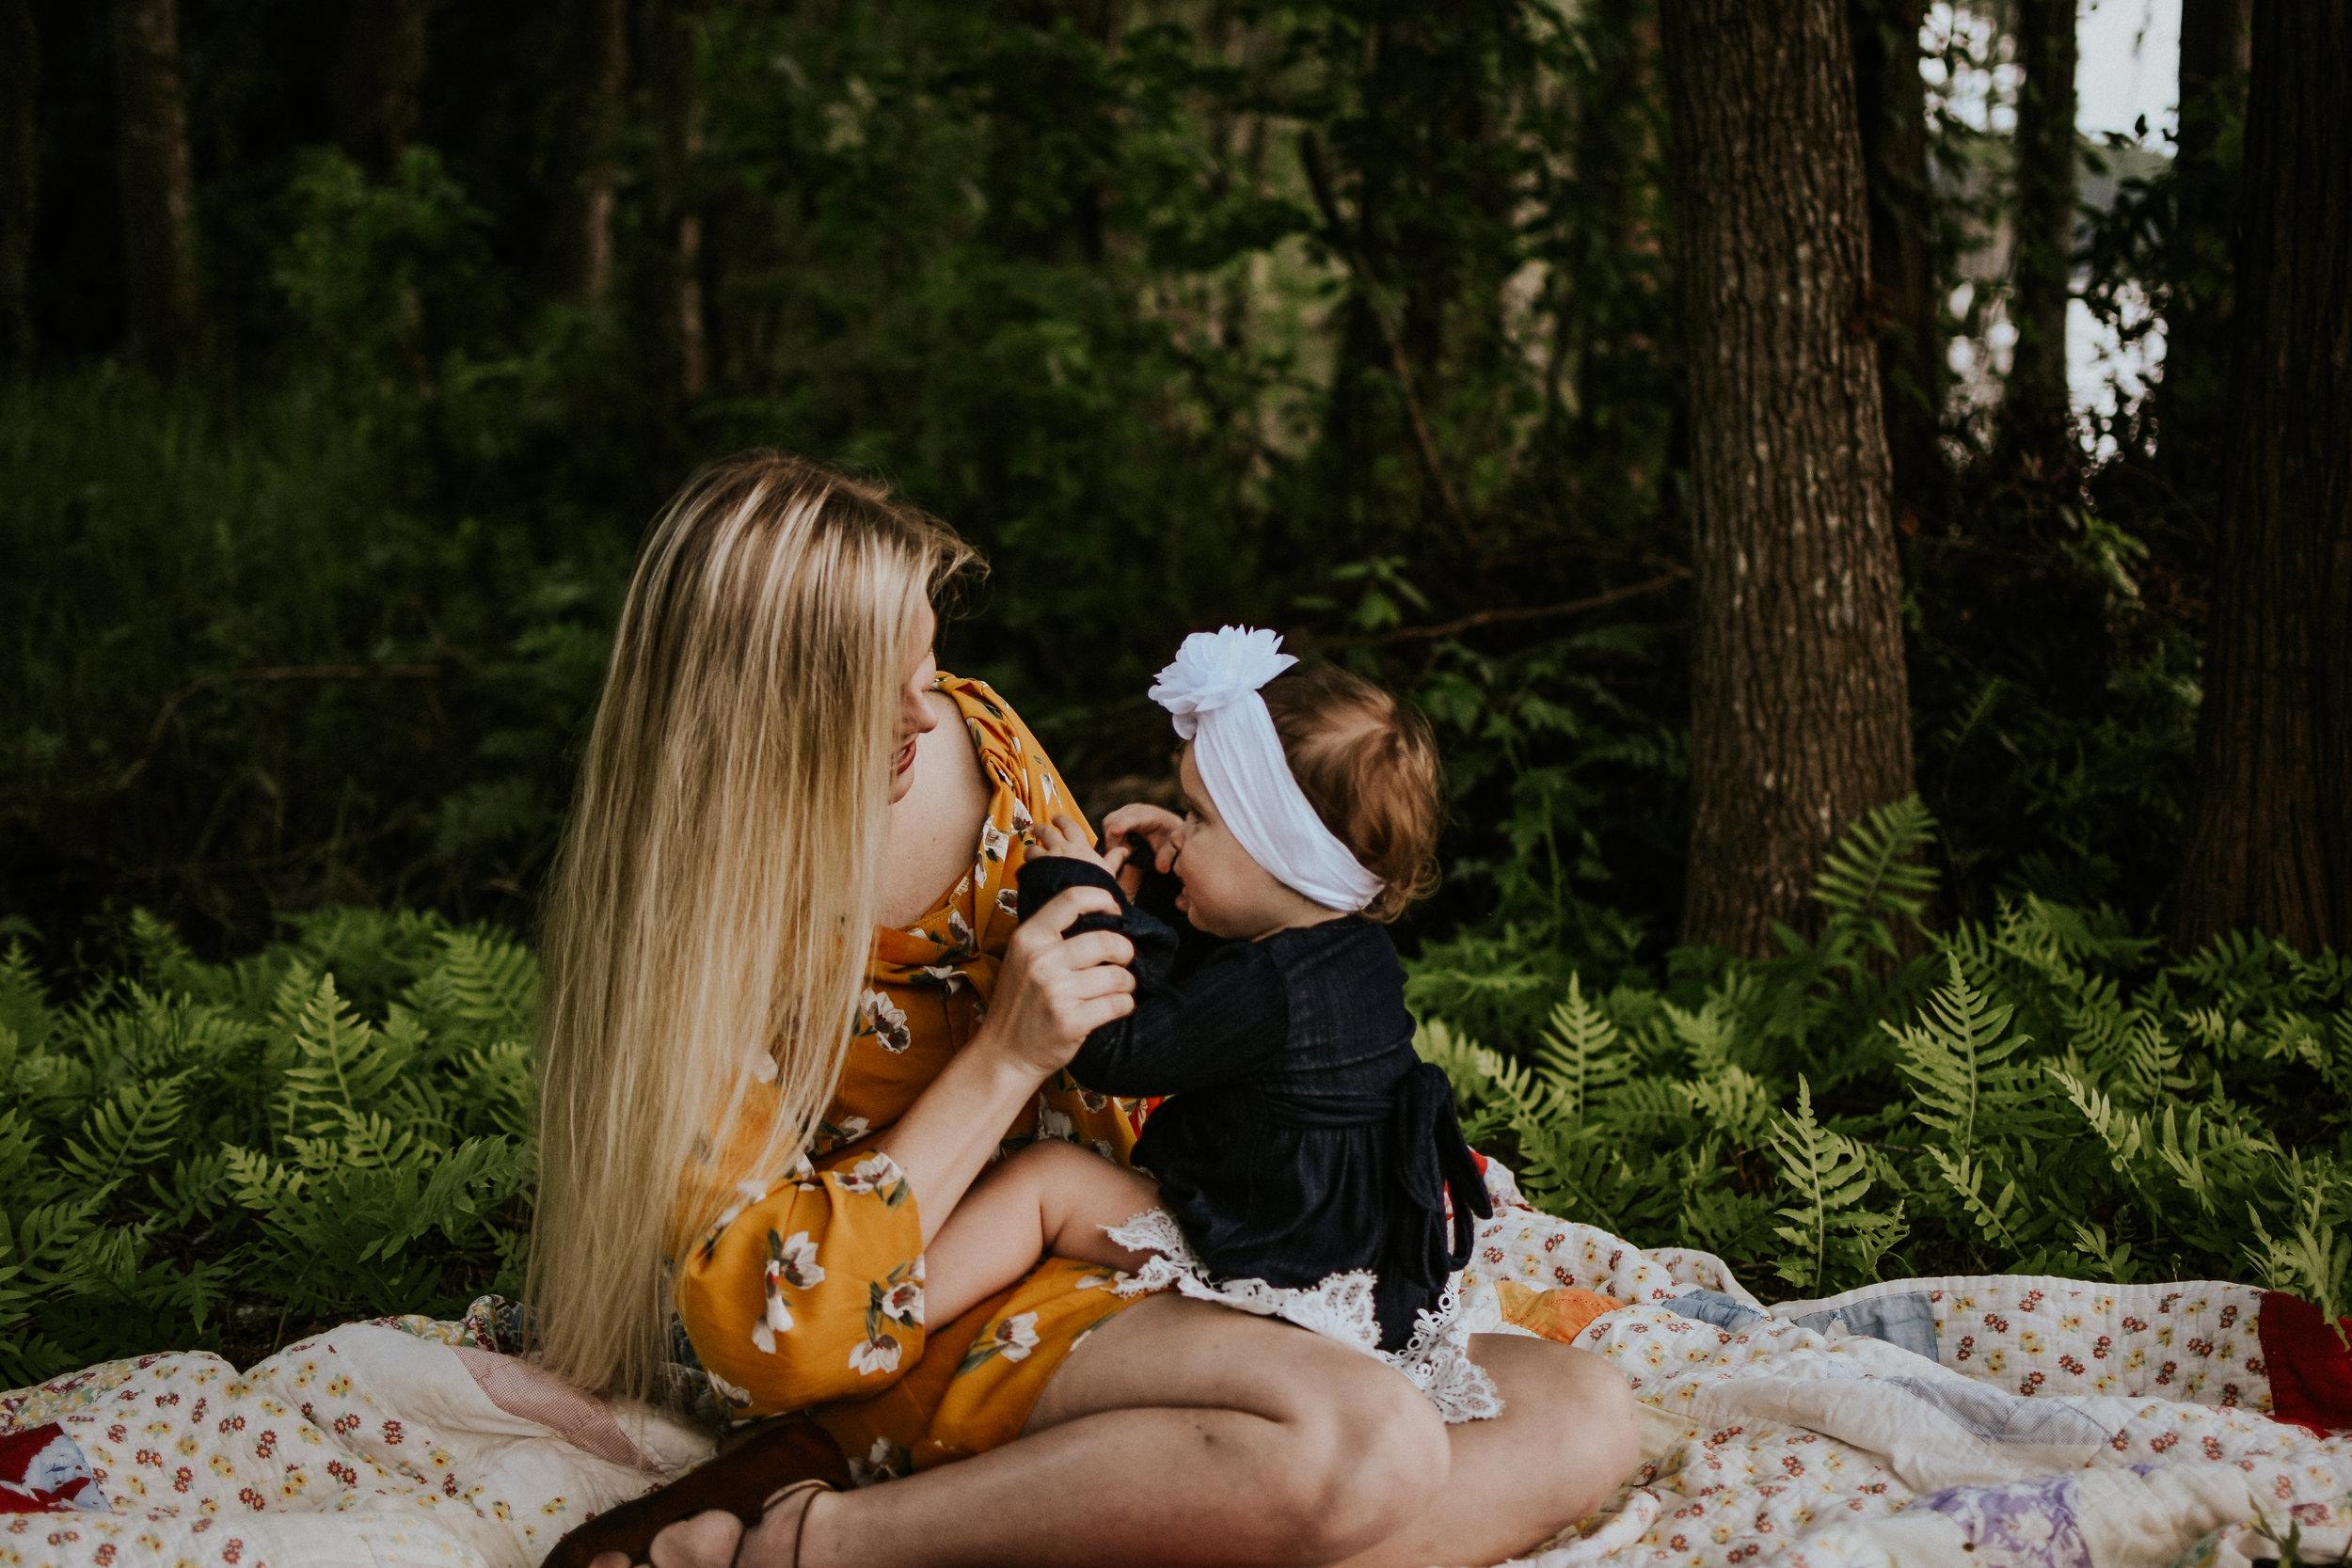 CrestviewFloridaLifestylePhotographer-MommyandMeSession-LakeJackson-FloralaAlabama-16.jpg